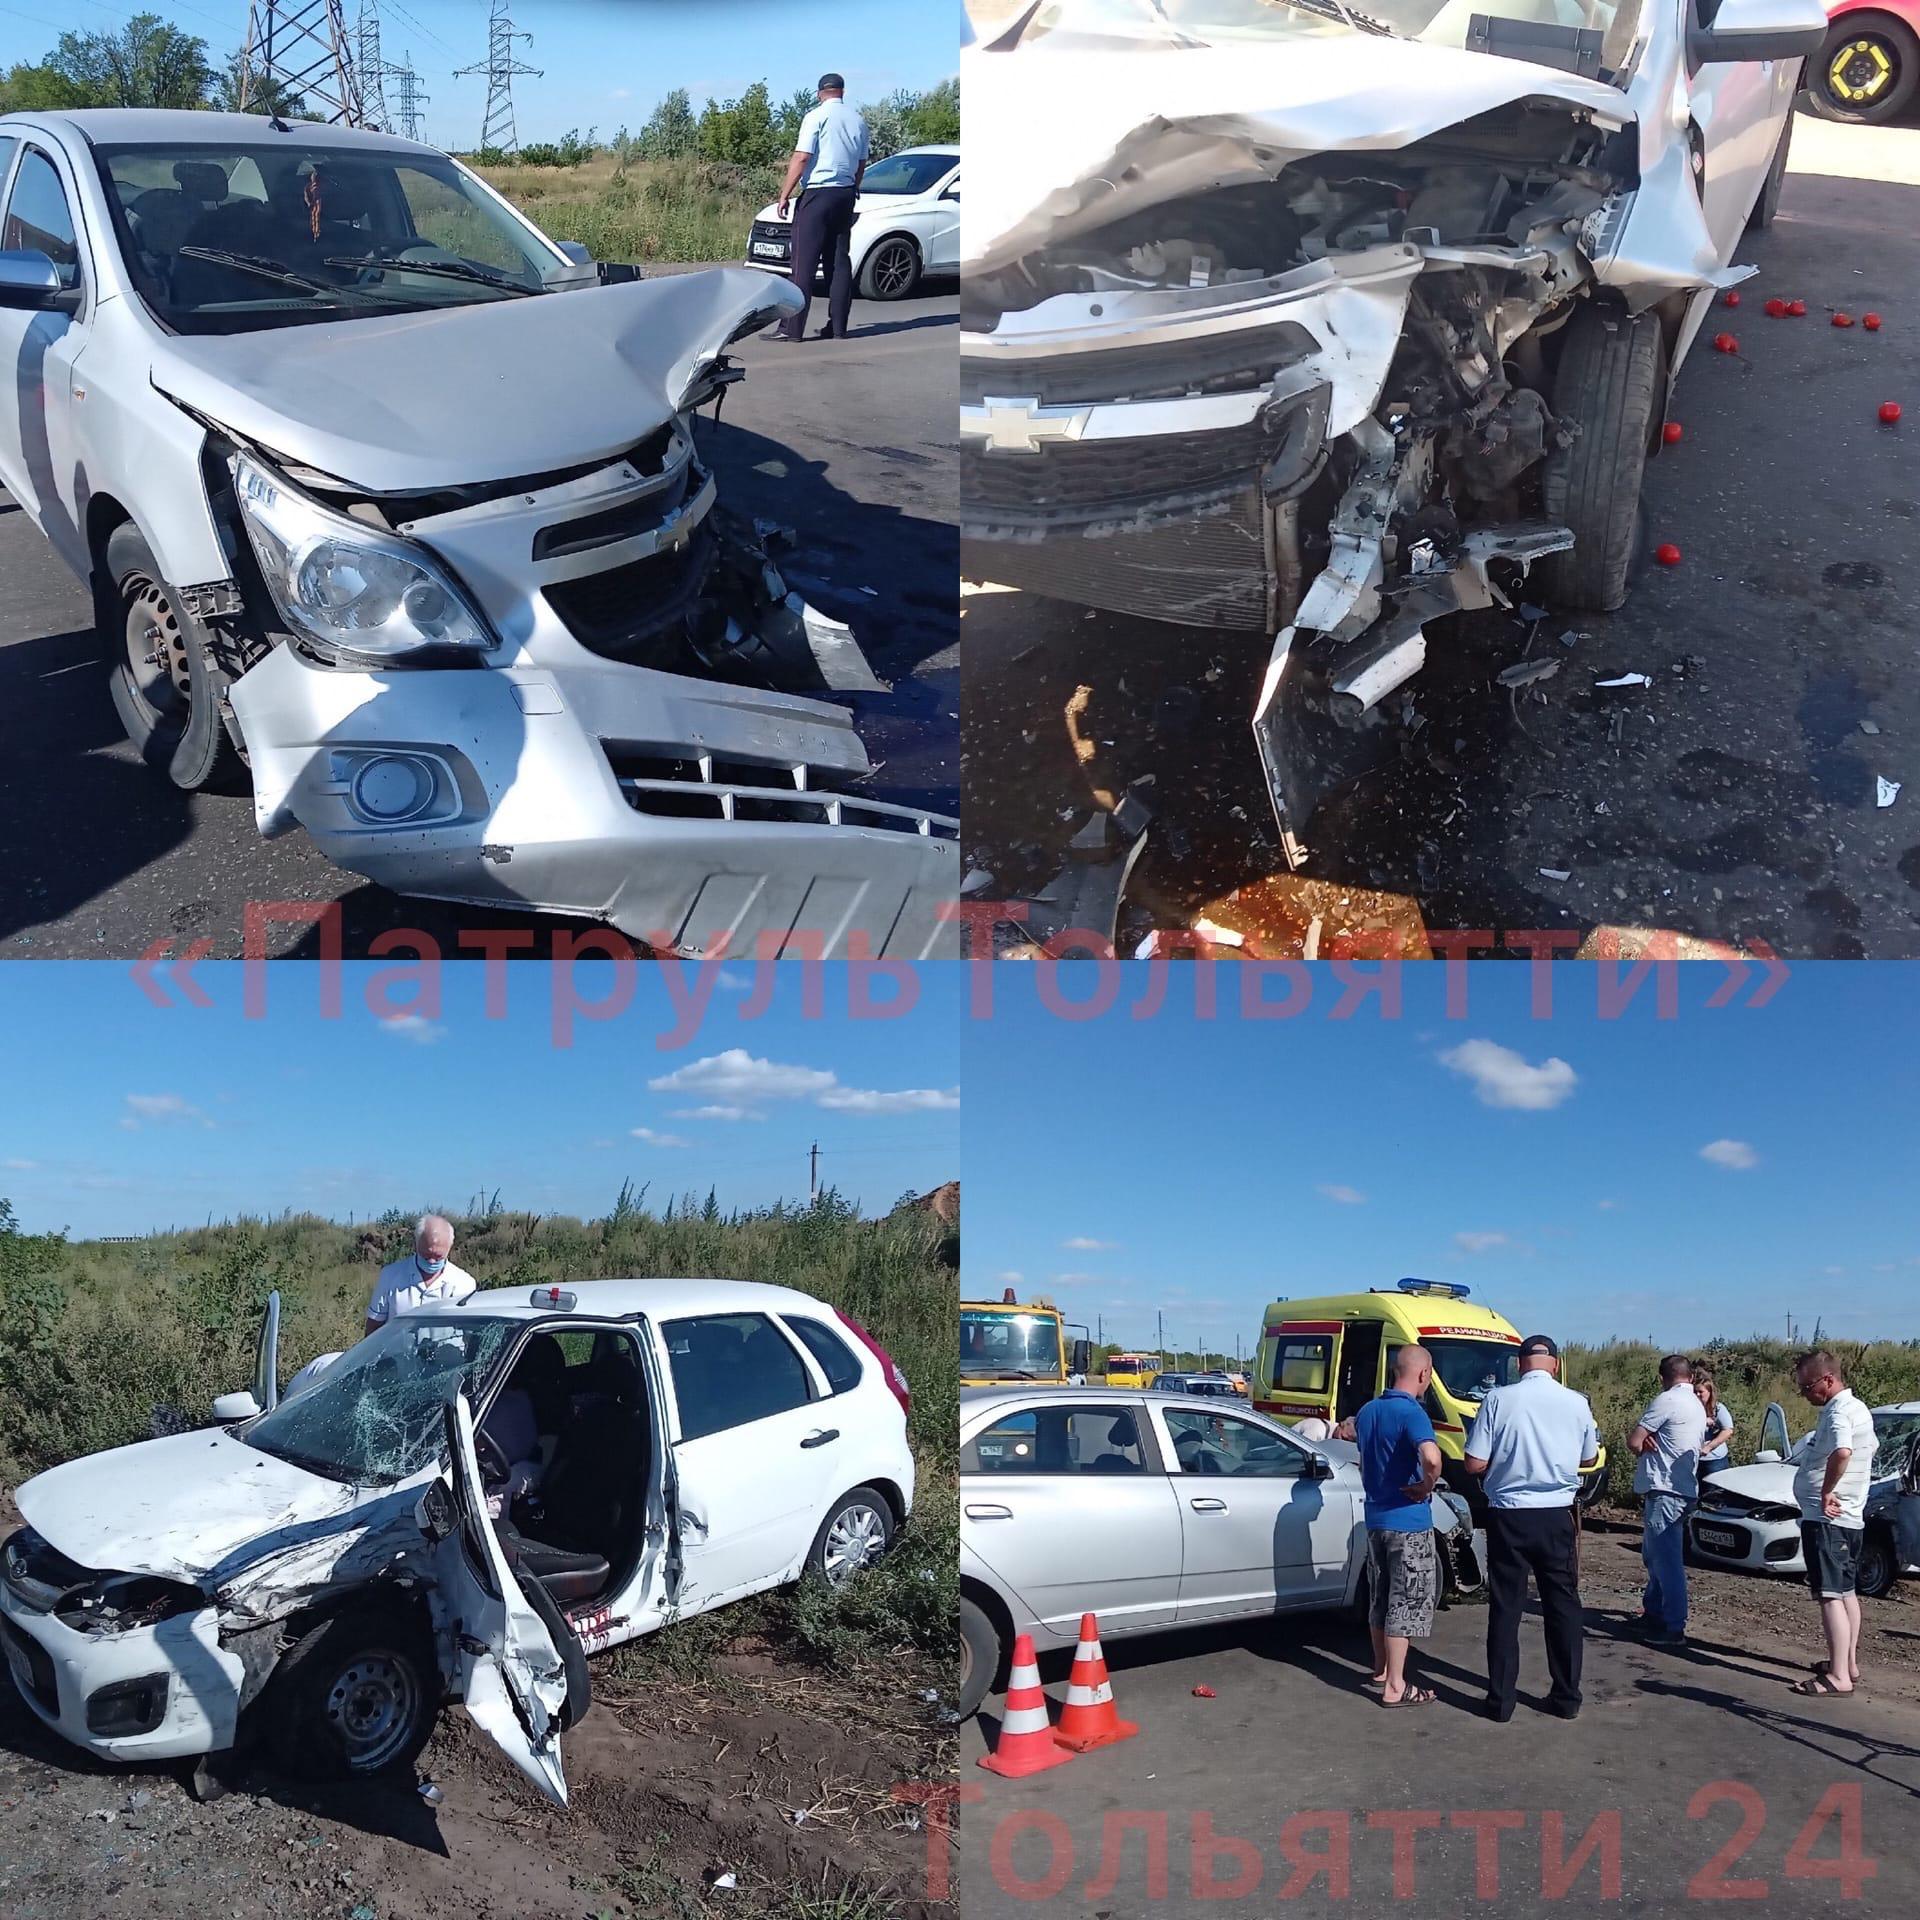 Под Тольятти 6 человек пострадали в лобовом столкновении машин